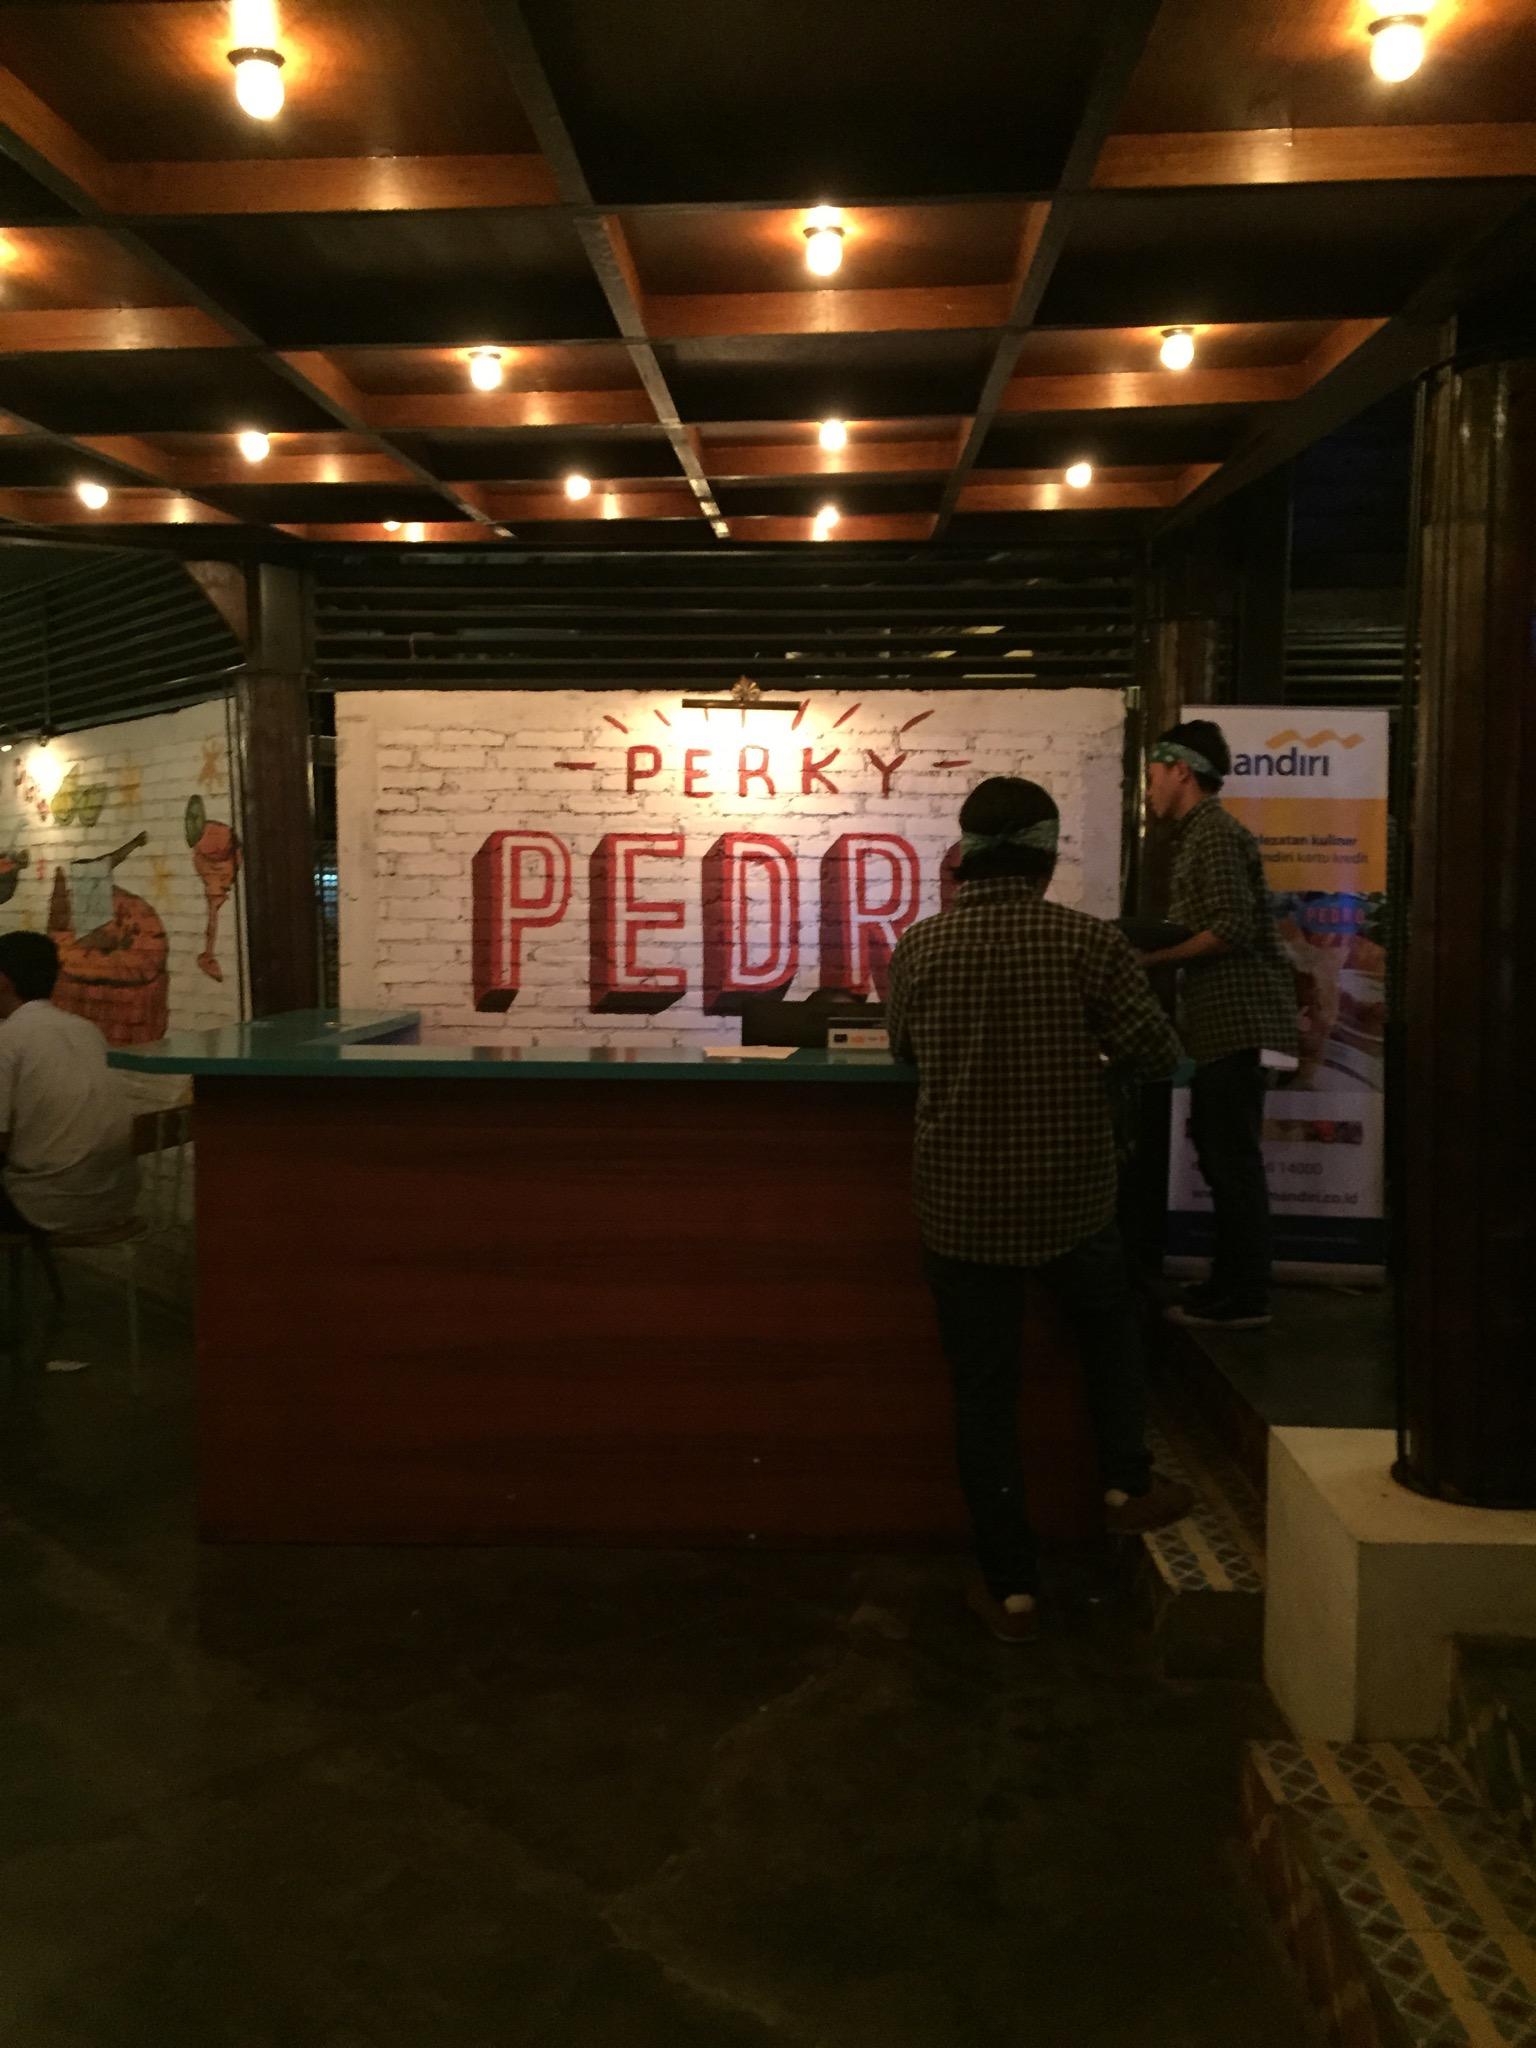 Perky Pedro